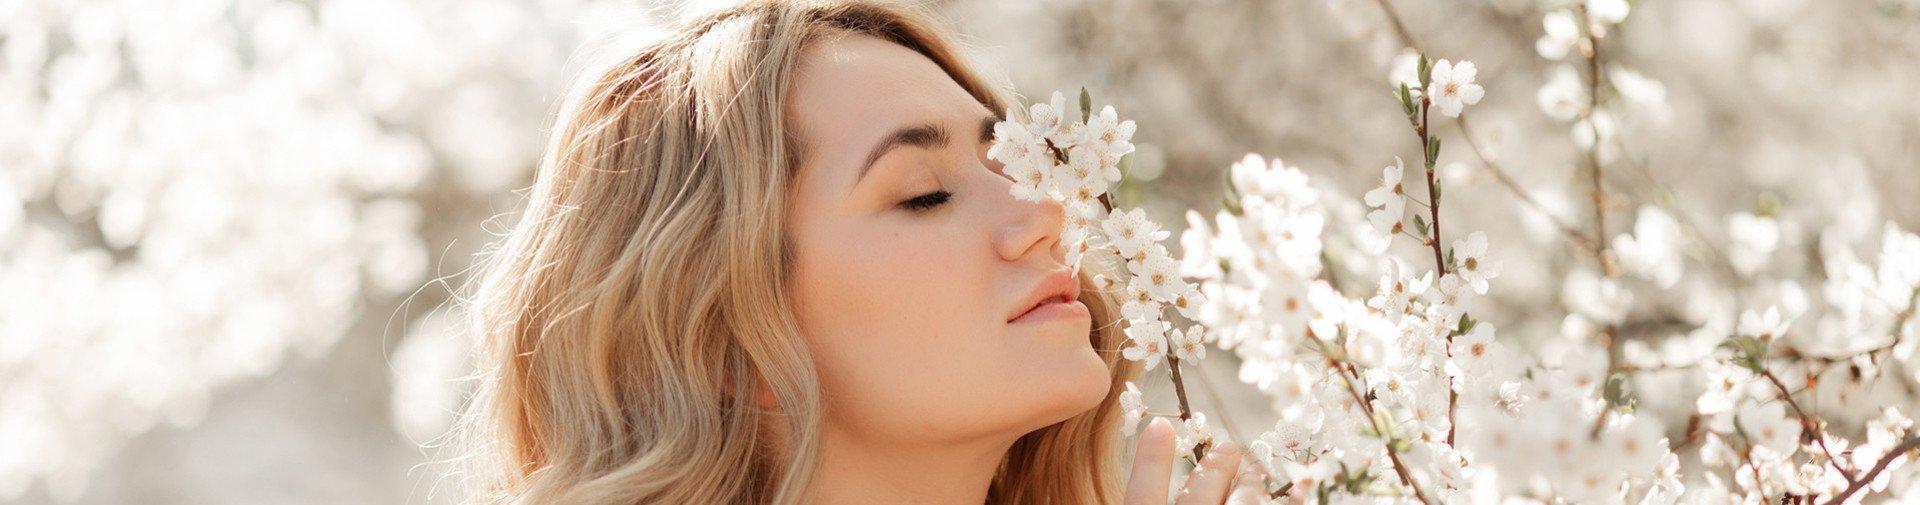 Frau riecht an frischen Blüten eines Baums